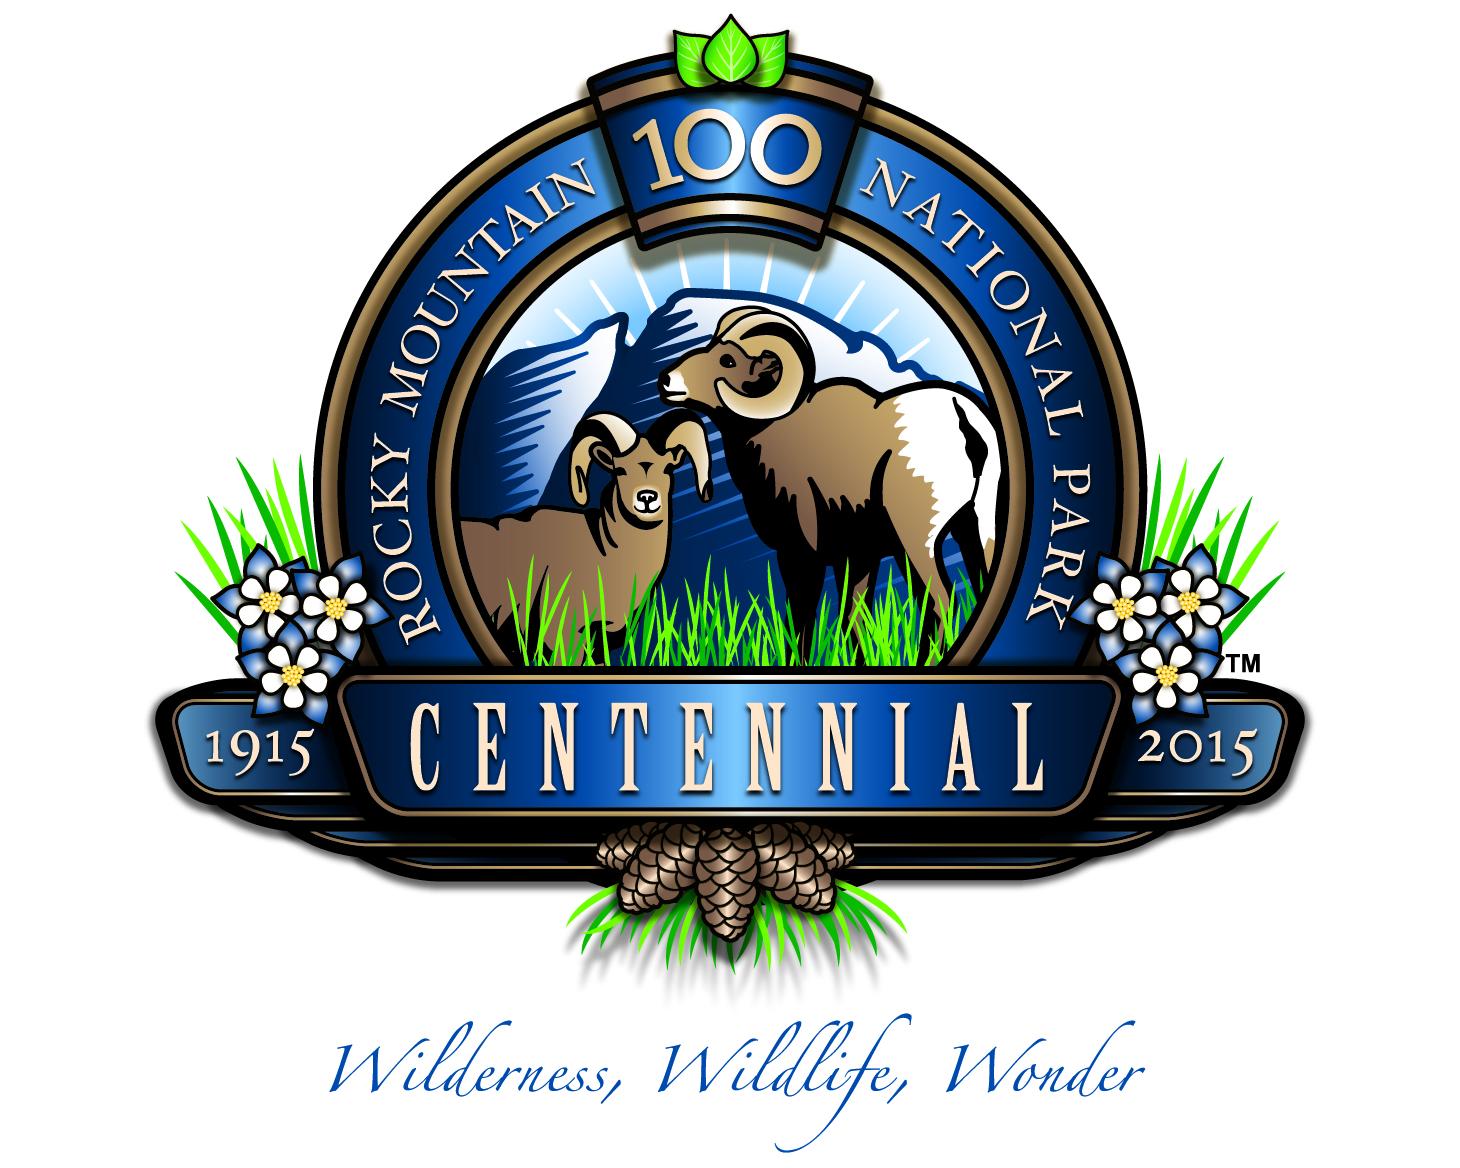 Photo: Rocky Mountain National Park centennial logo